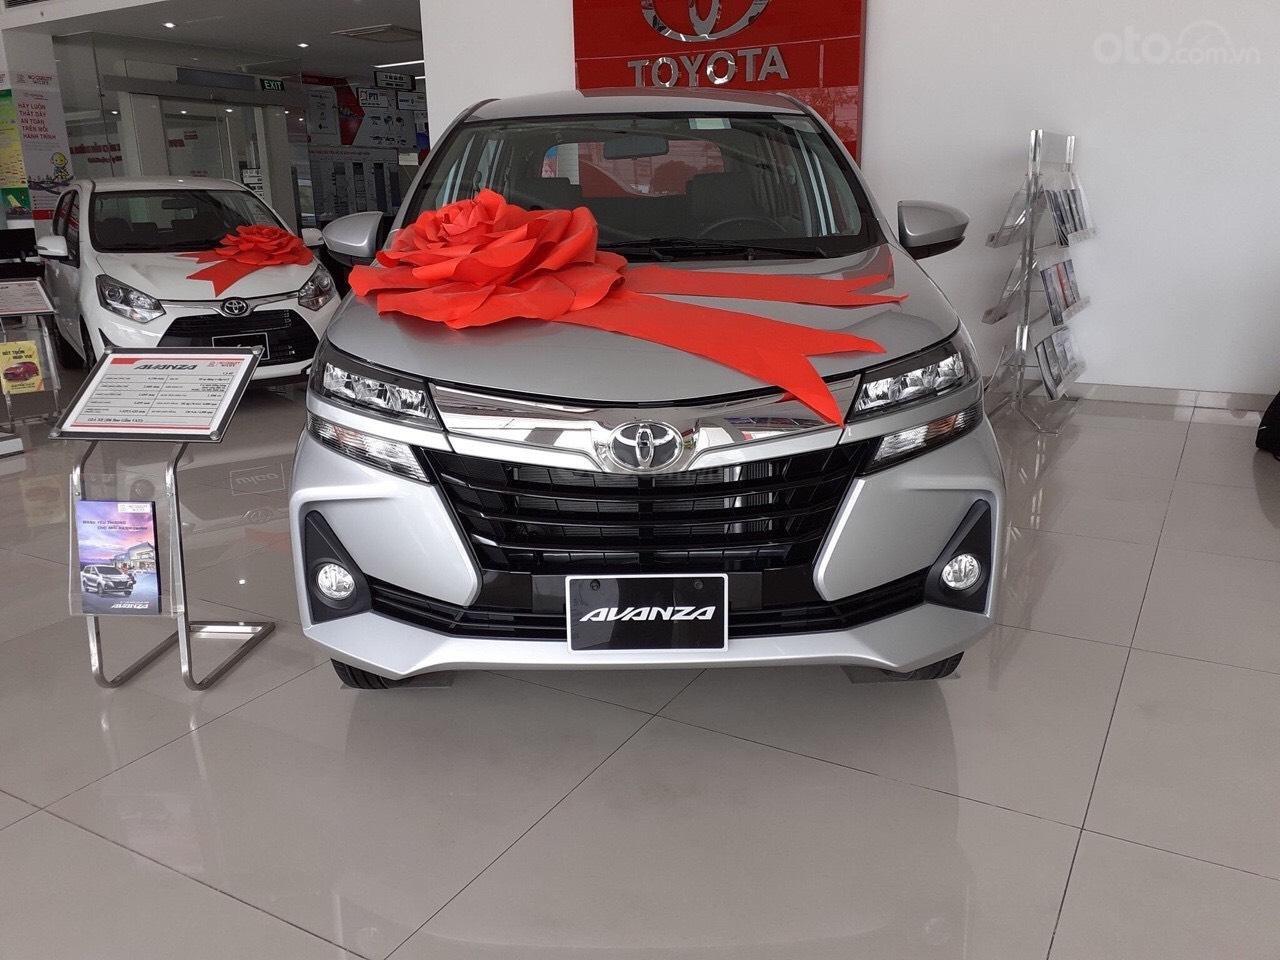 Toyota Avanza 1.5G tự động - mua trả góp với 160tr- khuyến mãi khủng (1)